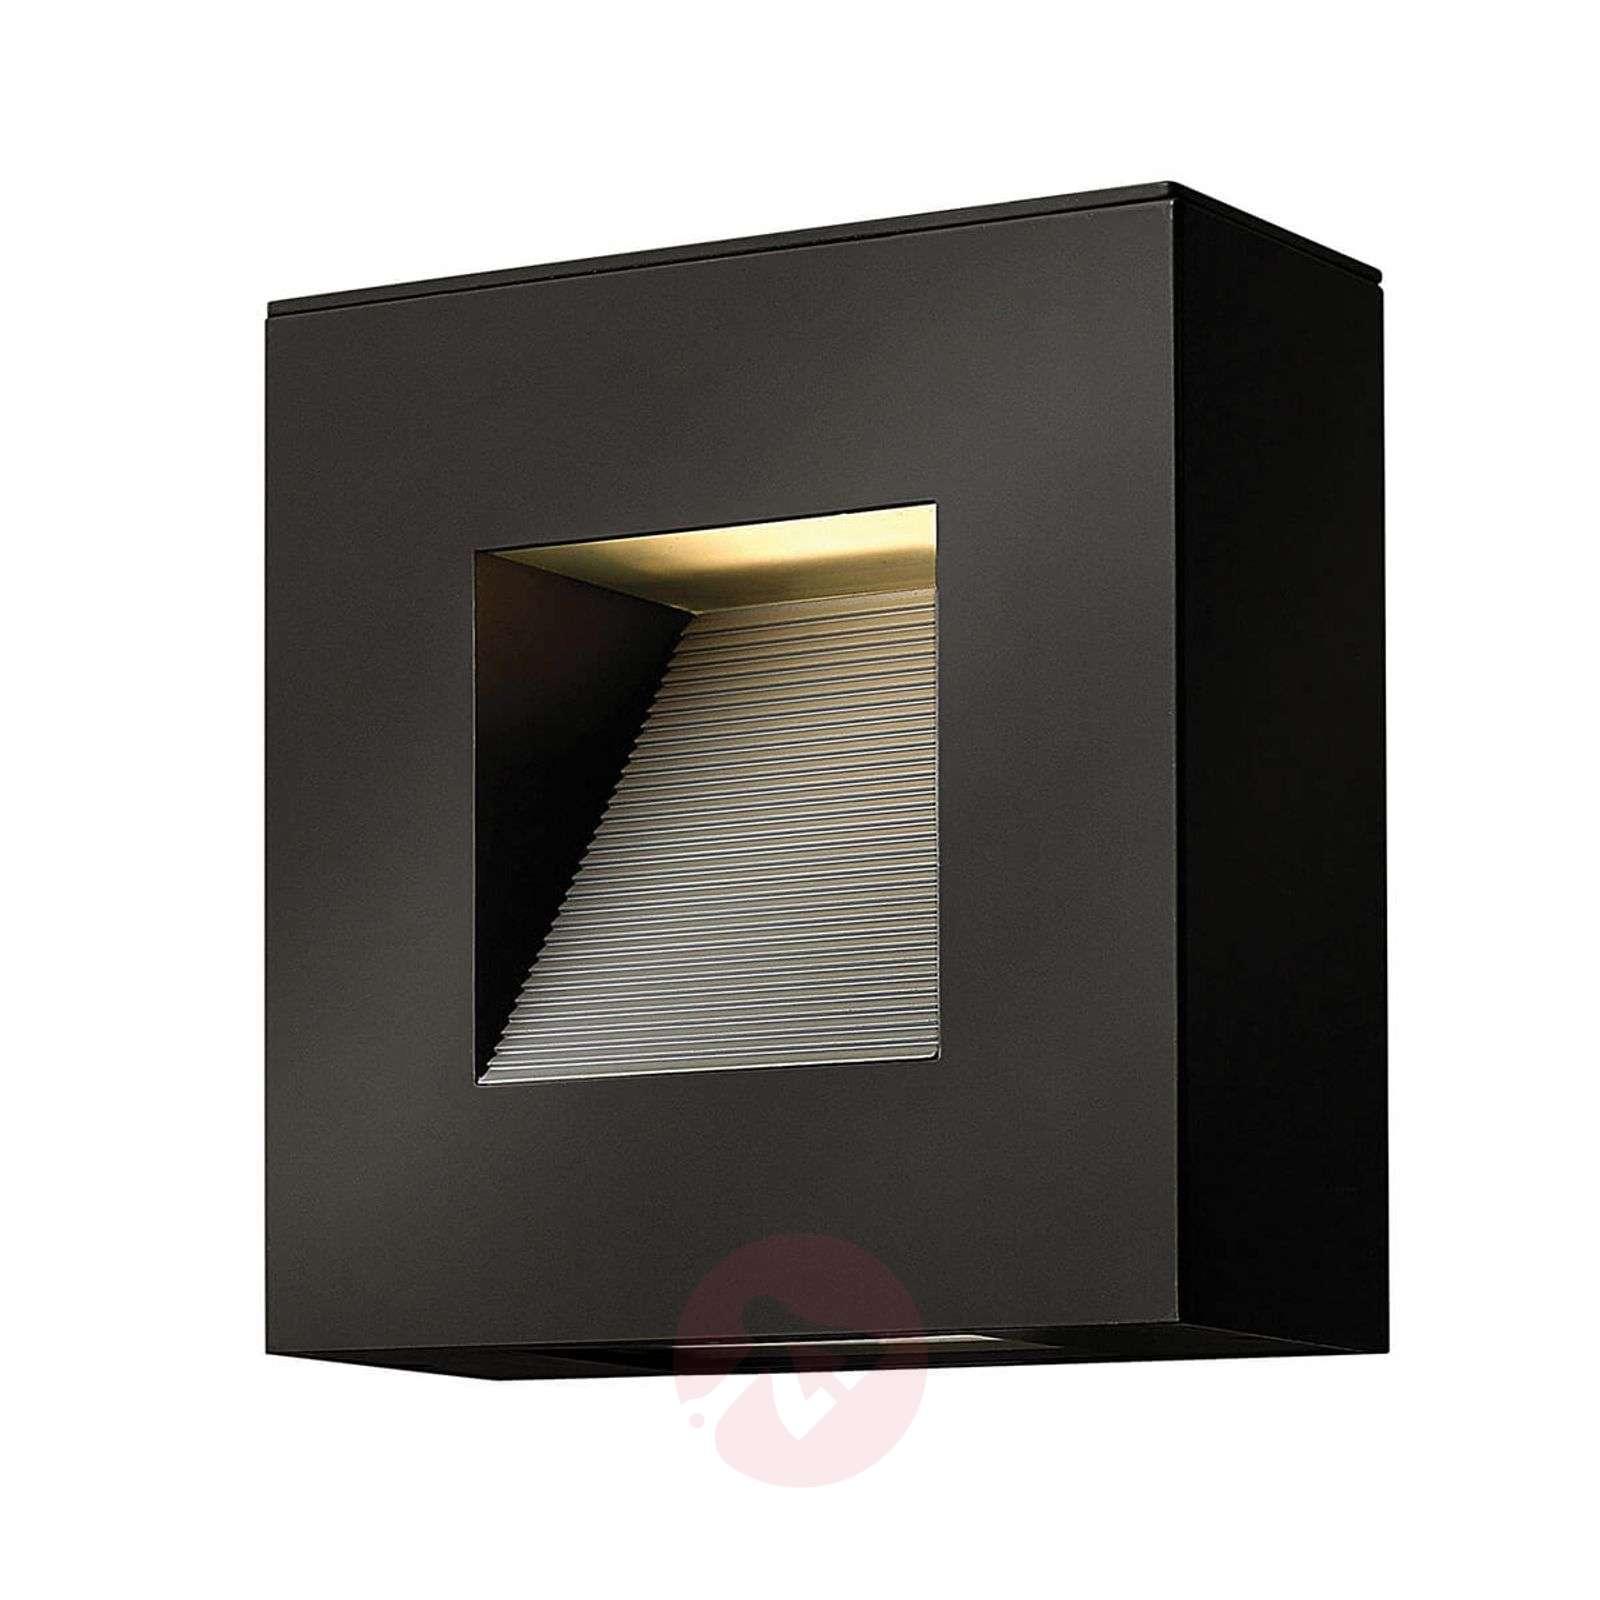 Lunias-LED-ulkoseinälamppu mustana-3048847-01